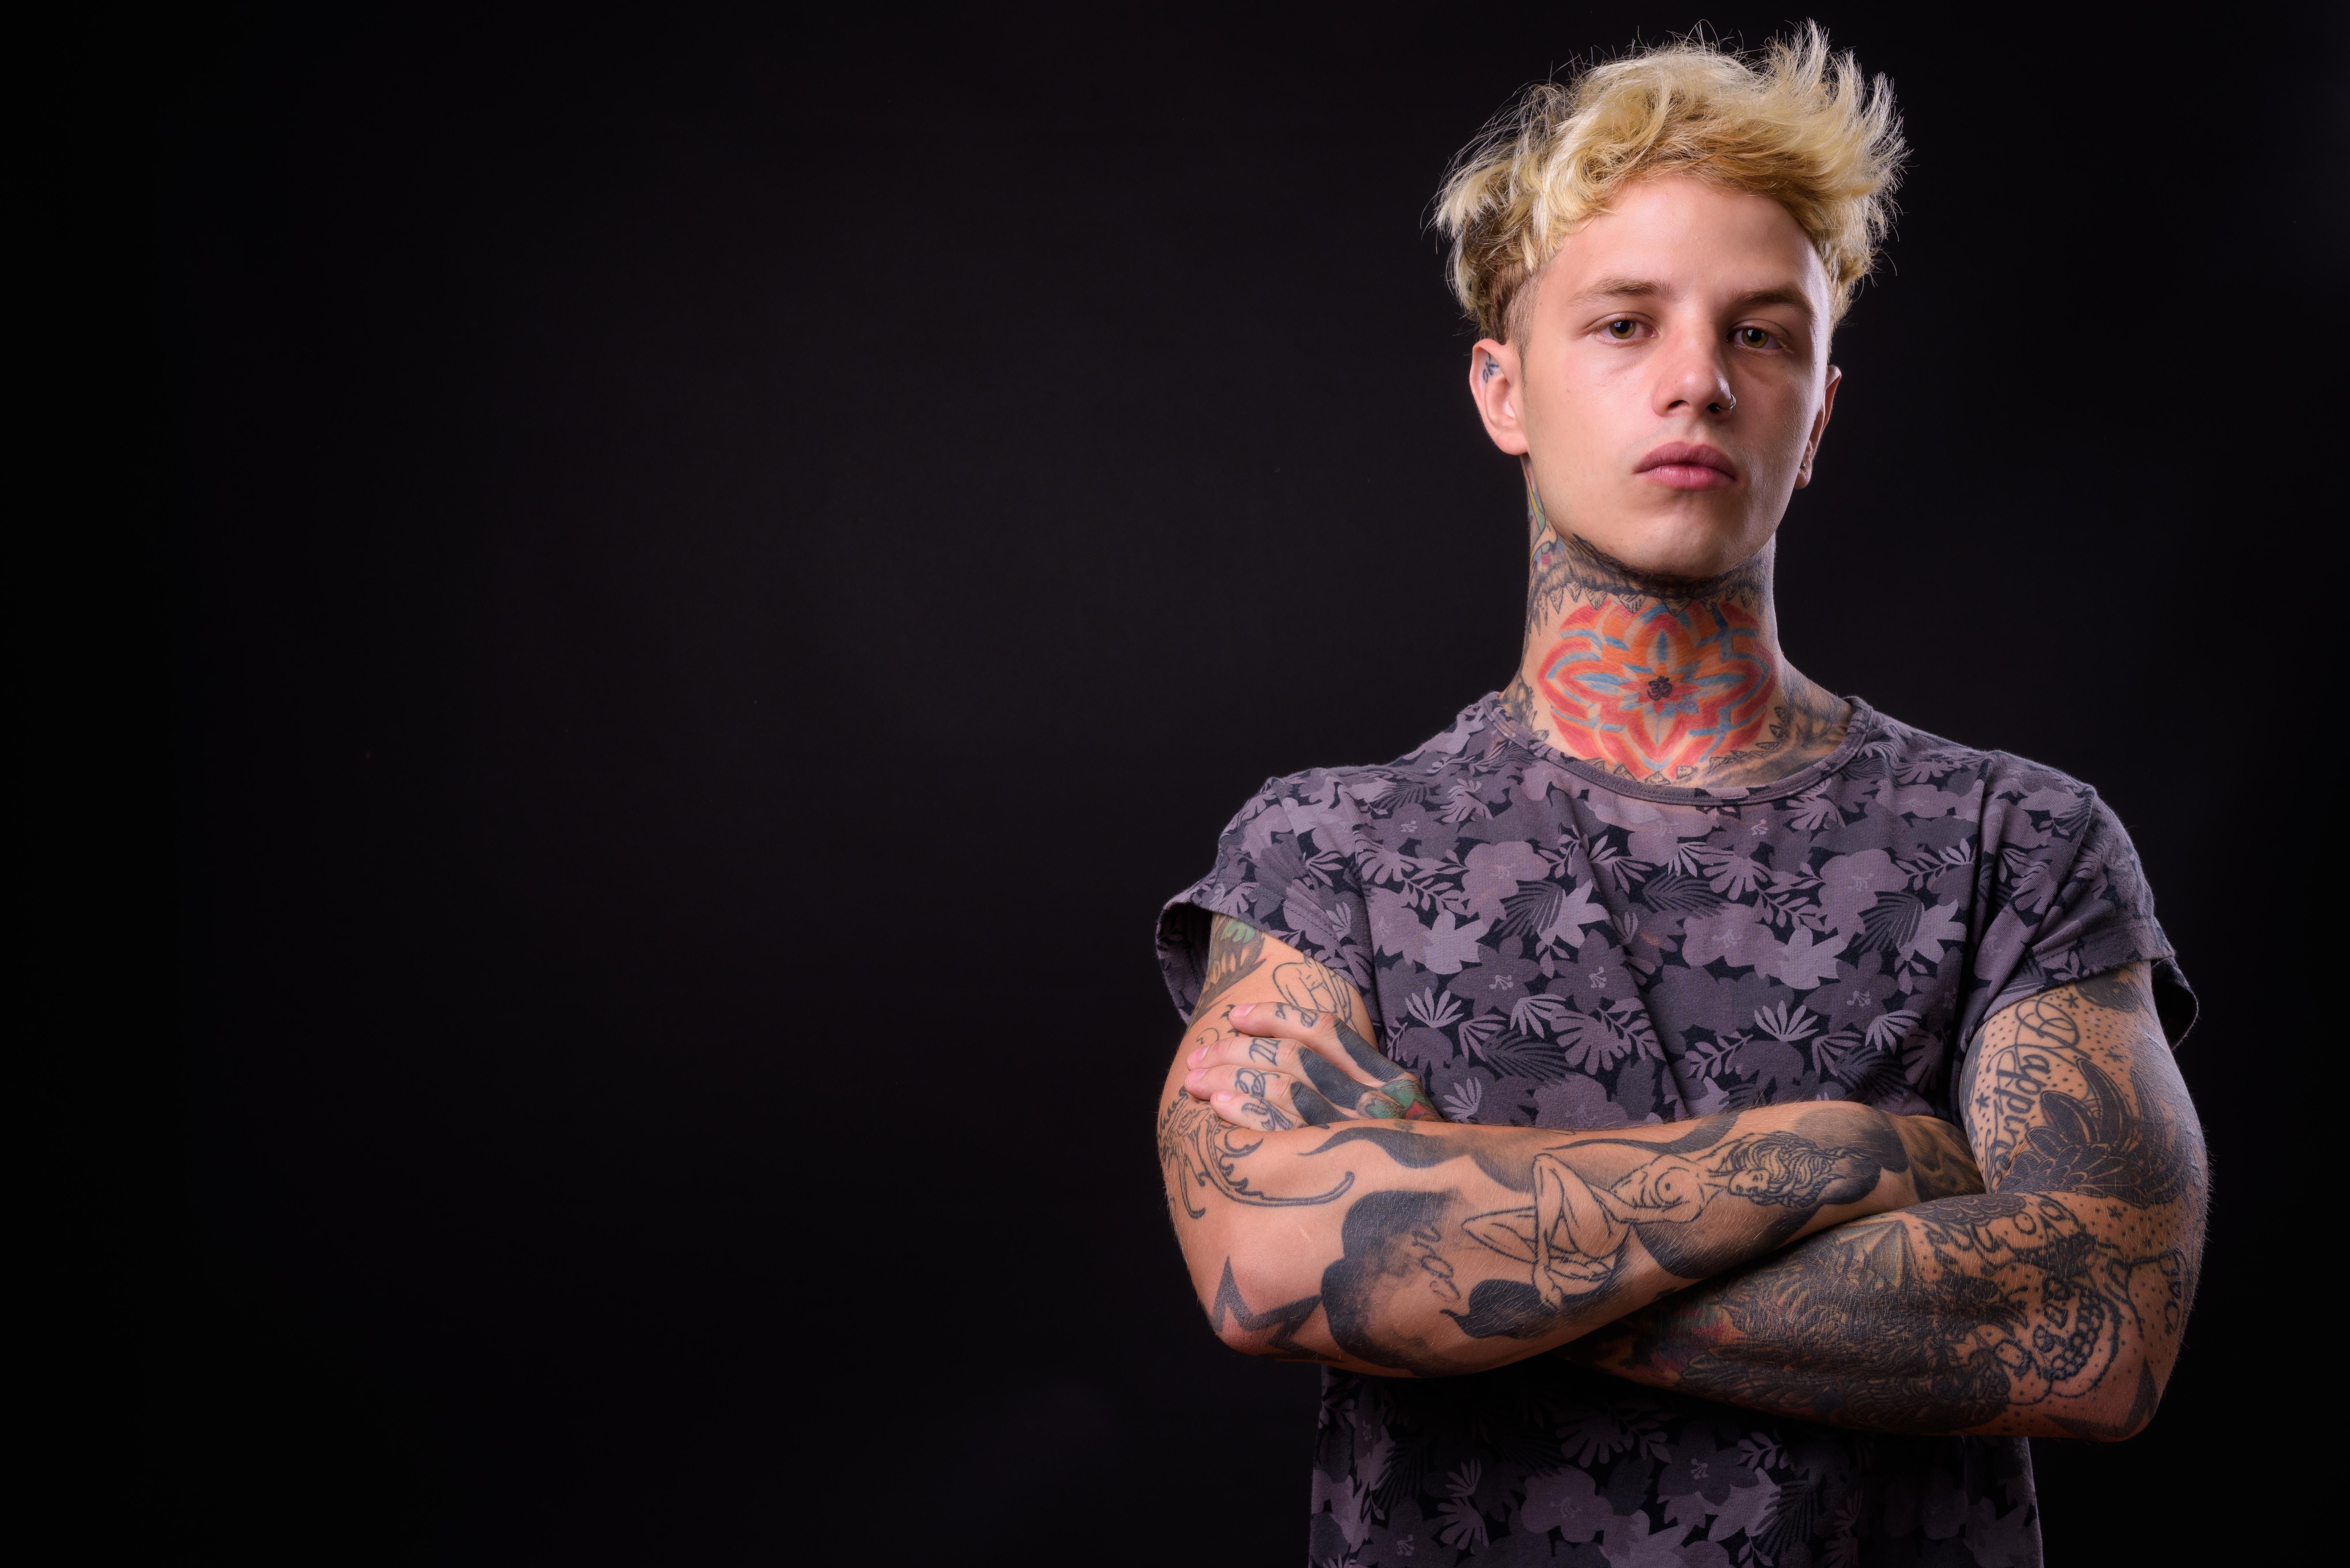 Qual a melhor época do ano para fazer uma tatuagem?